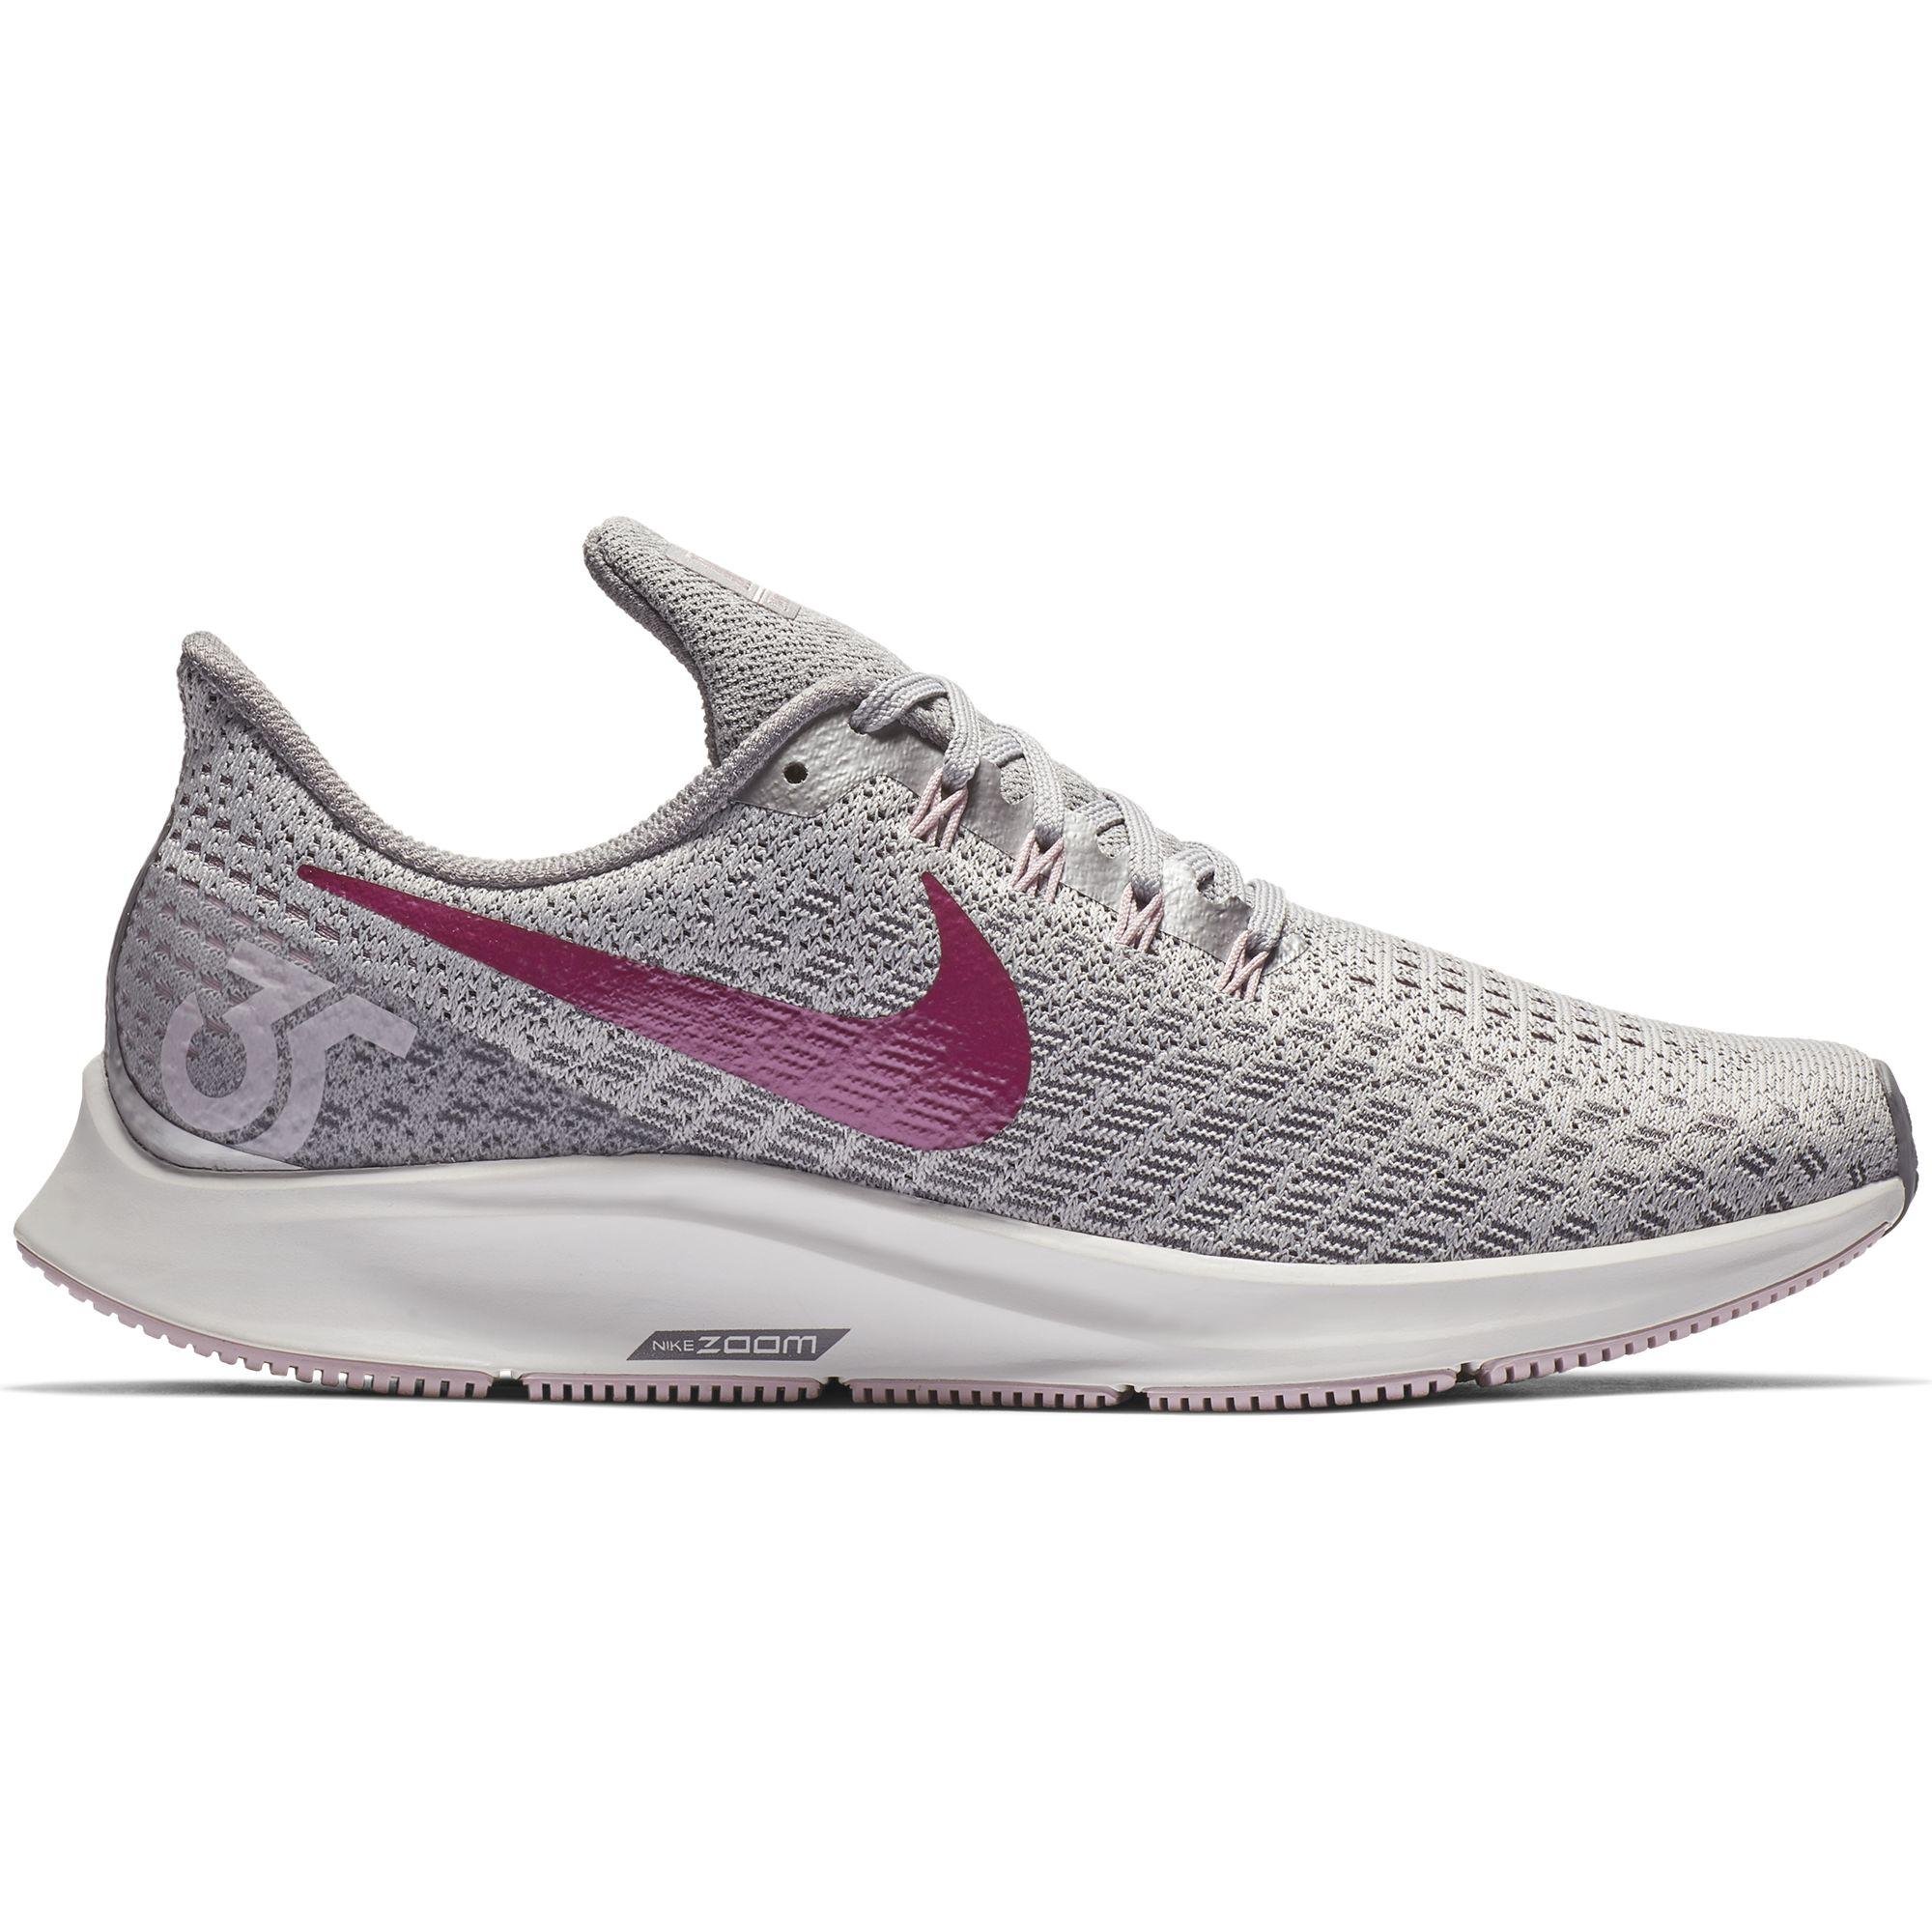 9ac57e52a81 Nike Women s Air Zoom Pegasus 35 Running Shoe